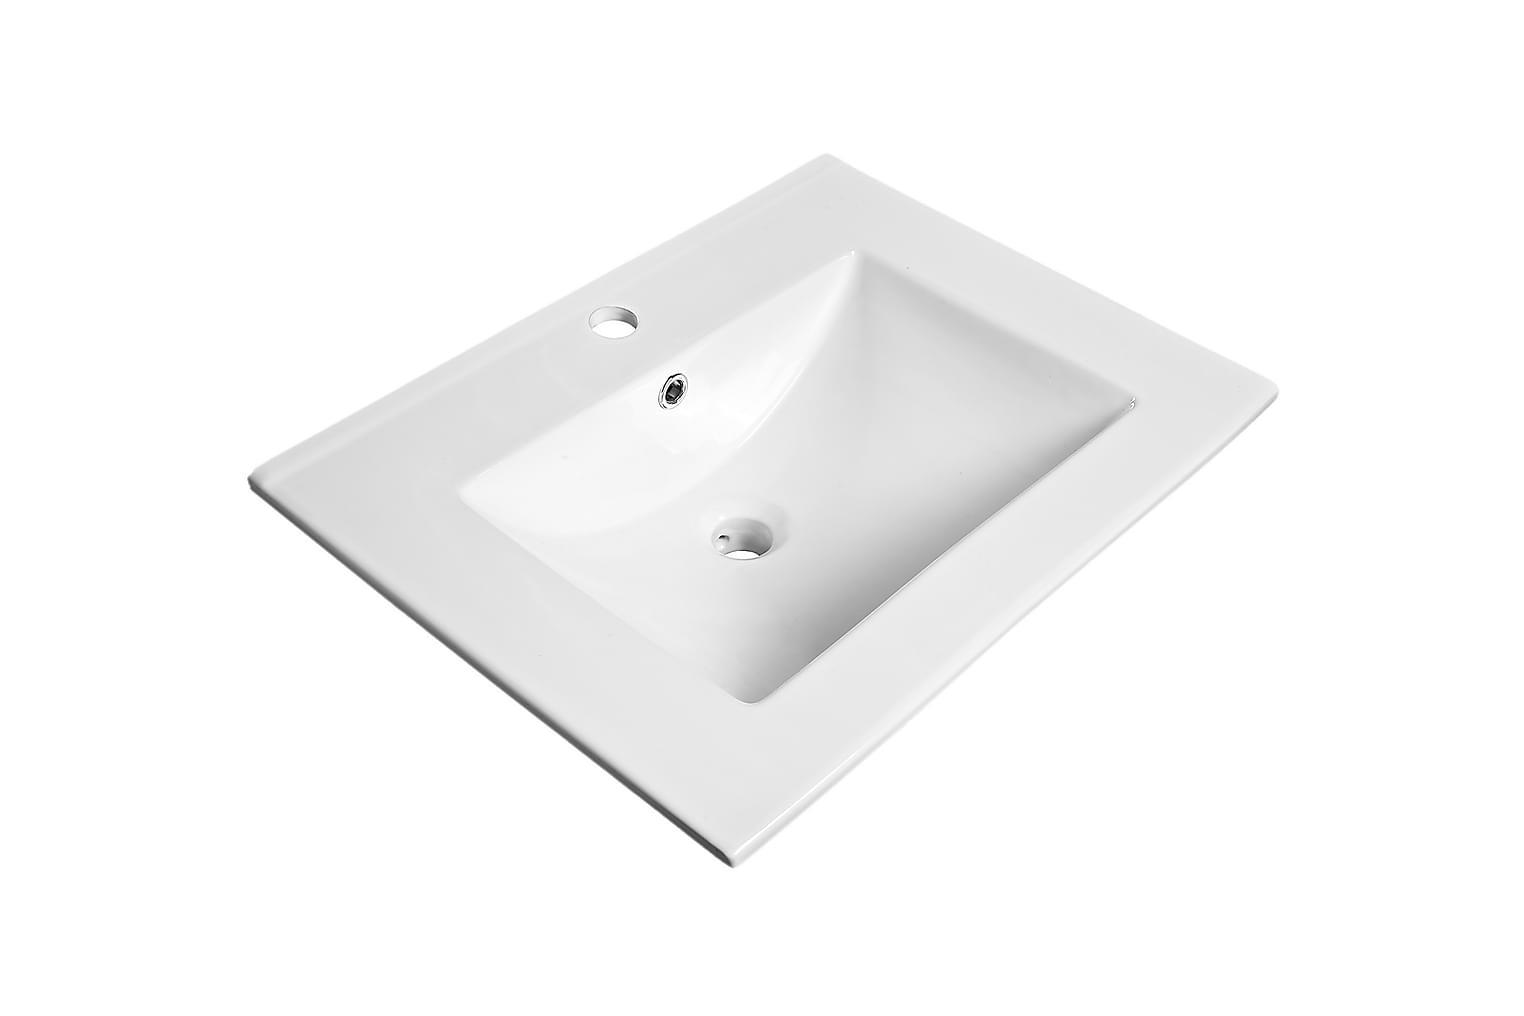 CLEAR Pesuallas Suorakulmainen 61x46 Valkoinen